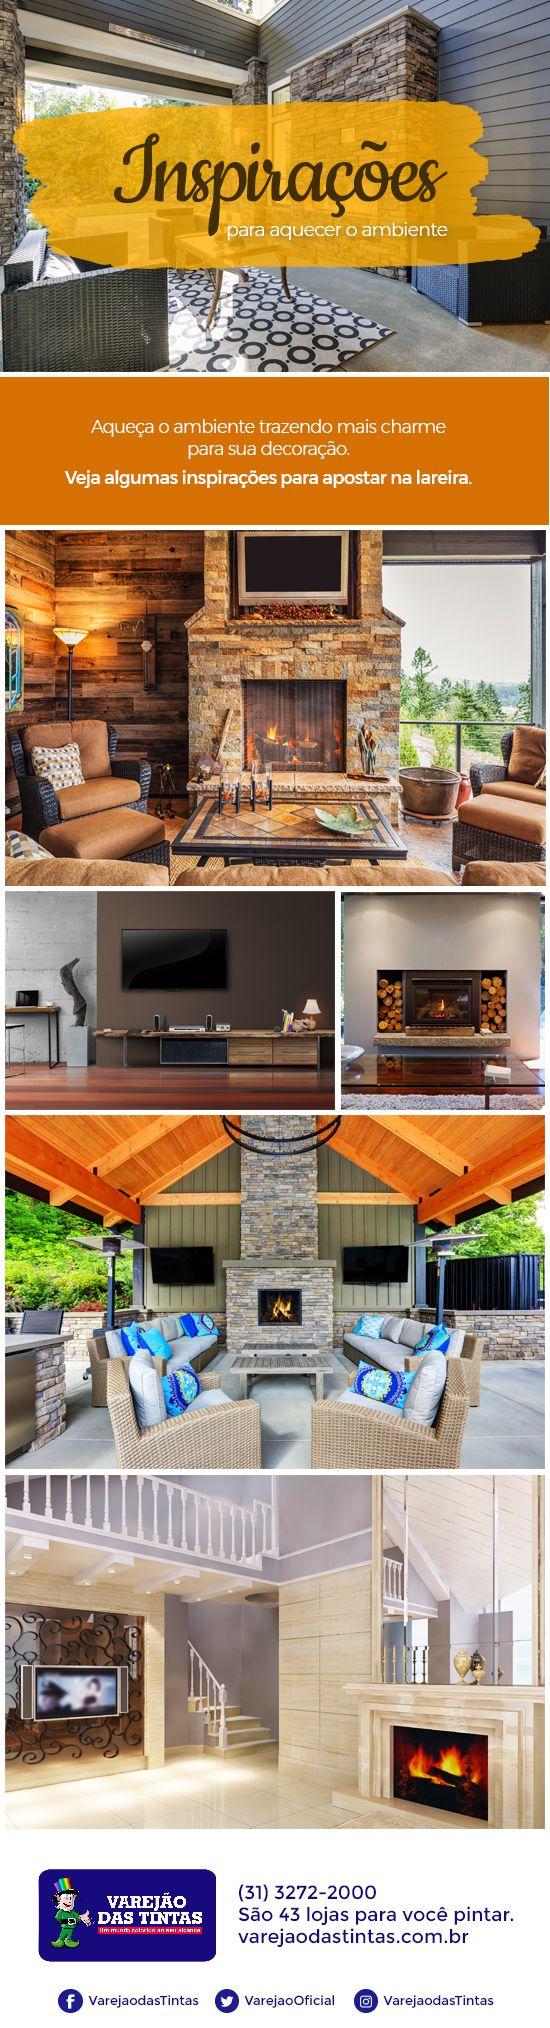 decoração, decor, tinta, parede, inverno, frio, casa, apartamento, arquitetura, design de interiores, dica